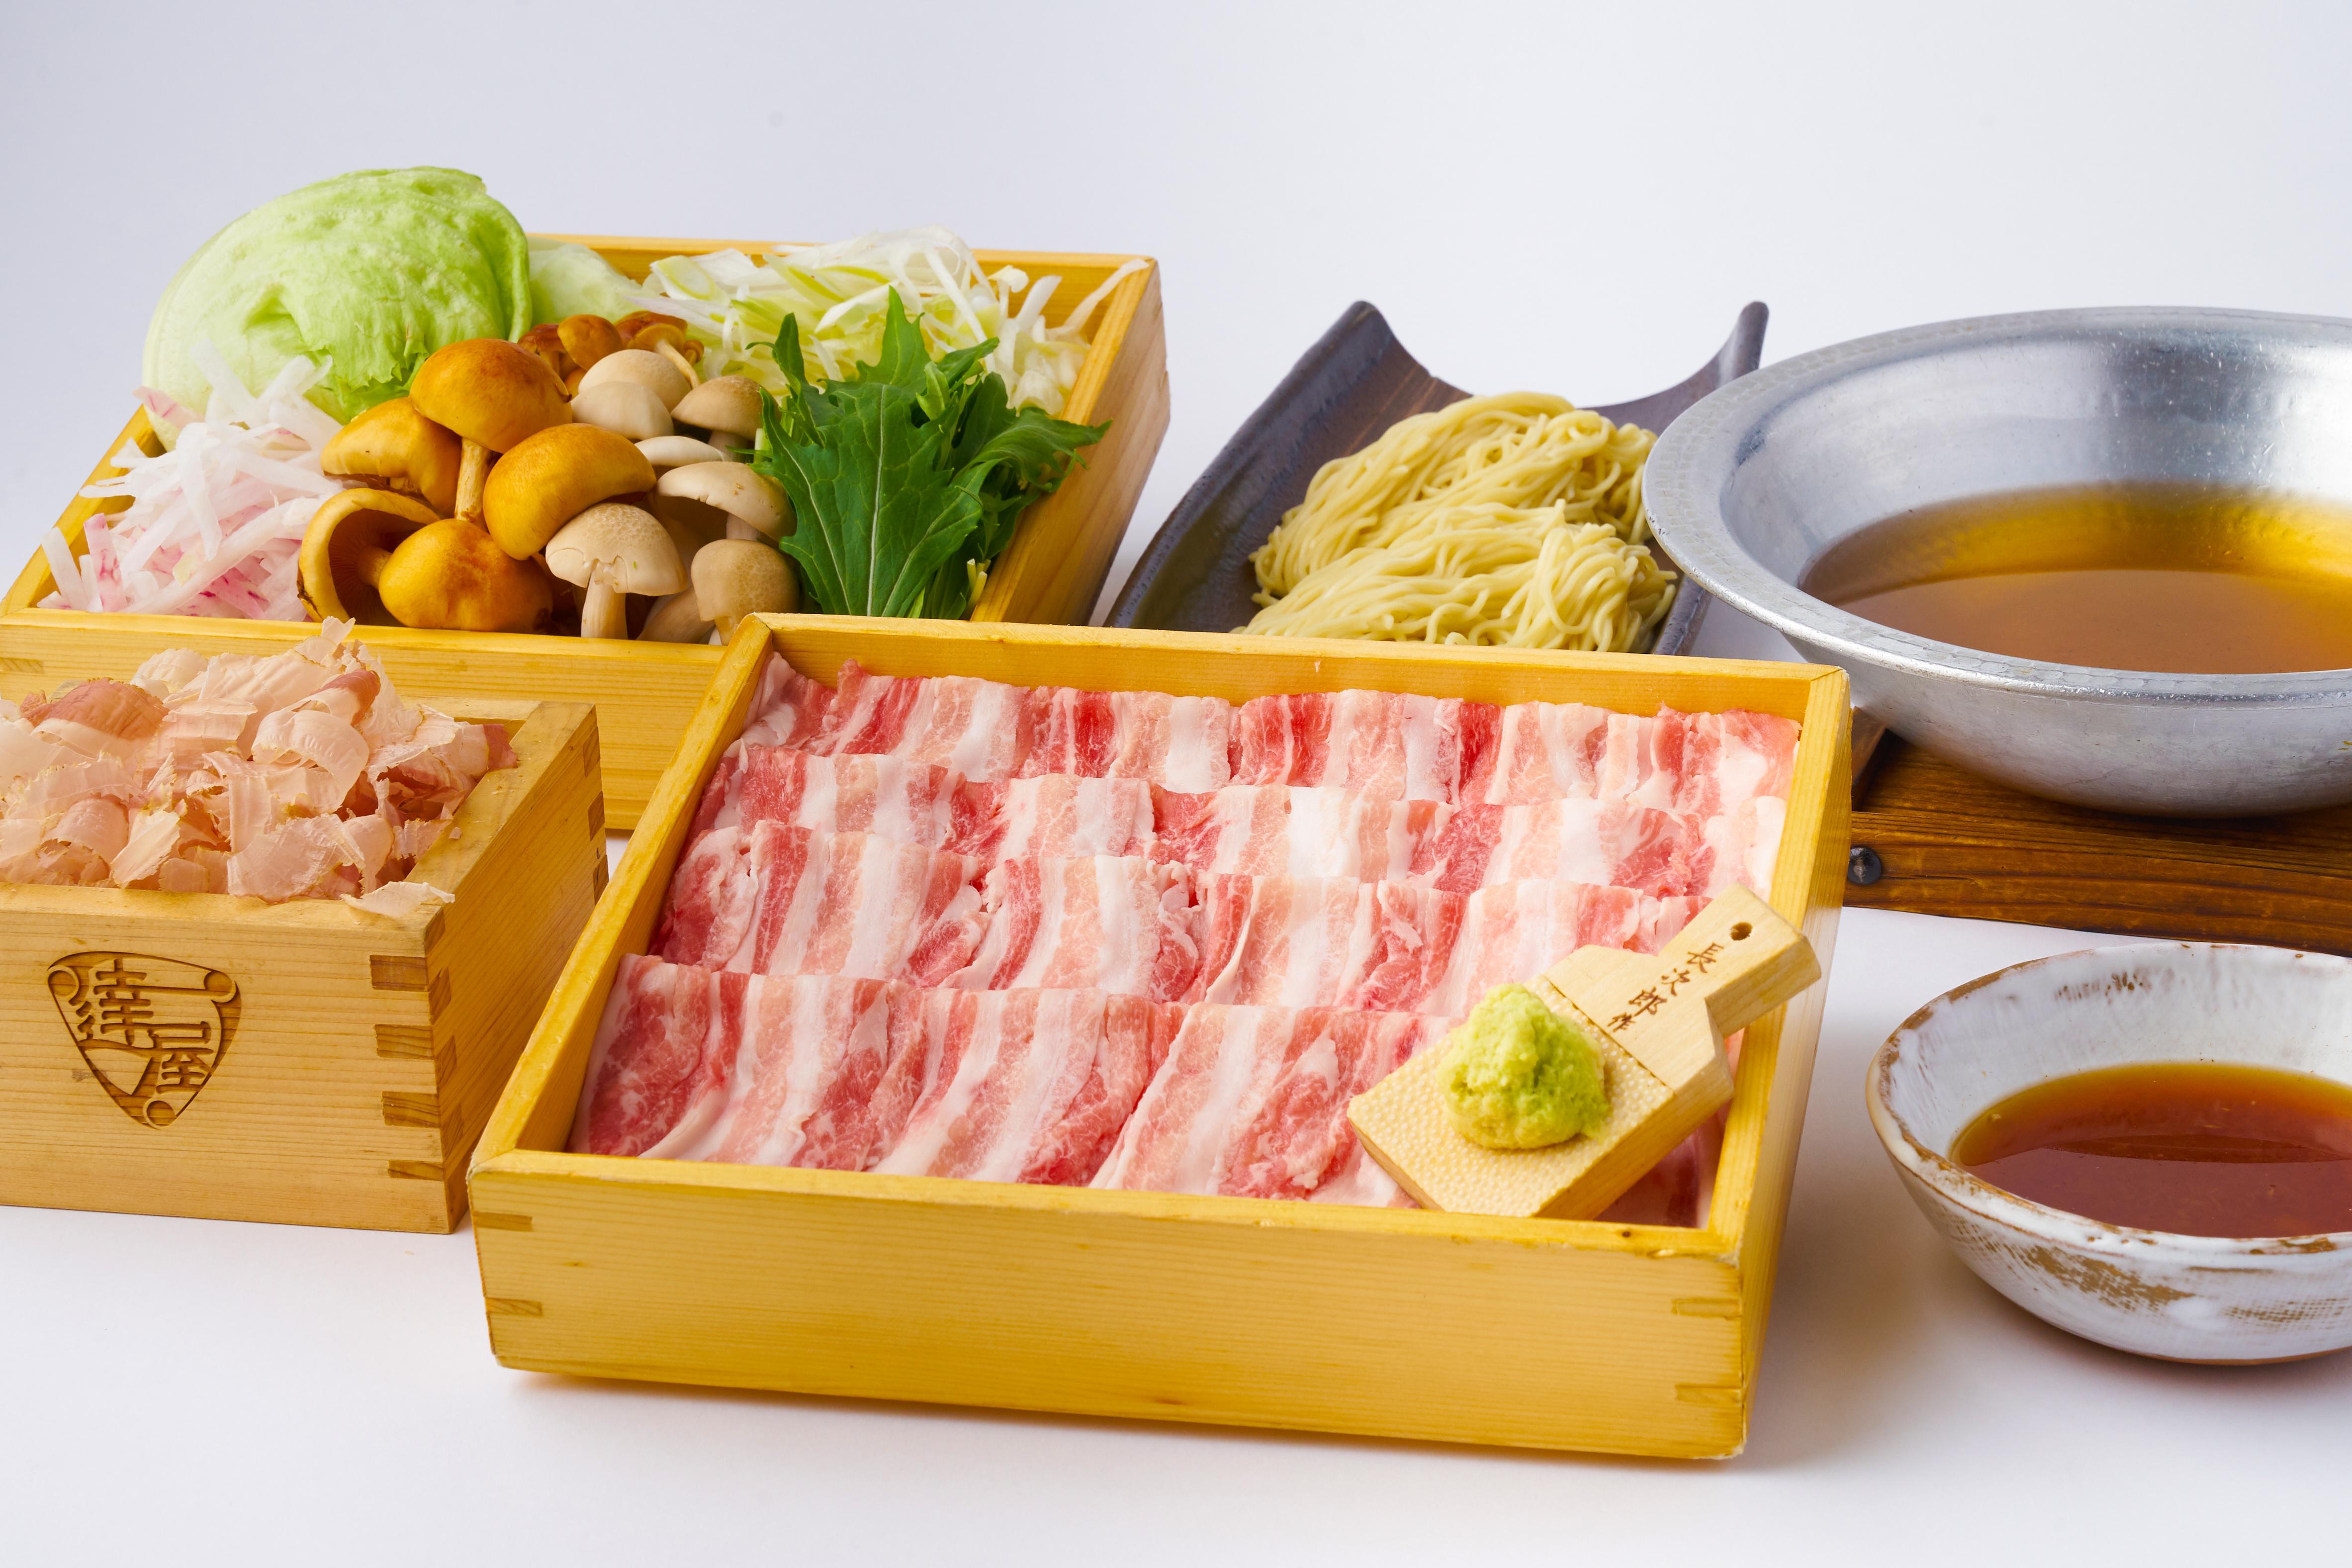 「北海道十勝放牧豚」究極の出汁しゃぶ 2人前セット